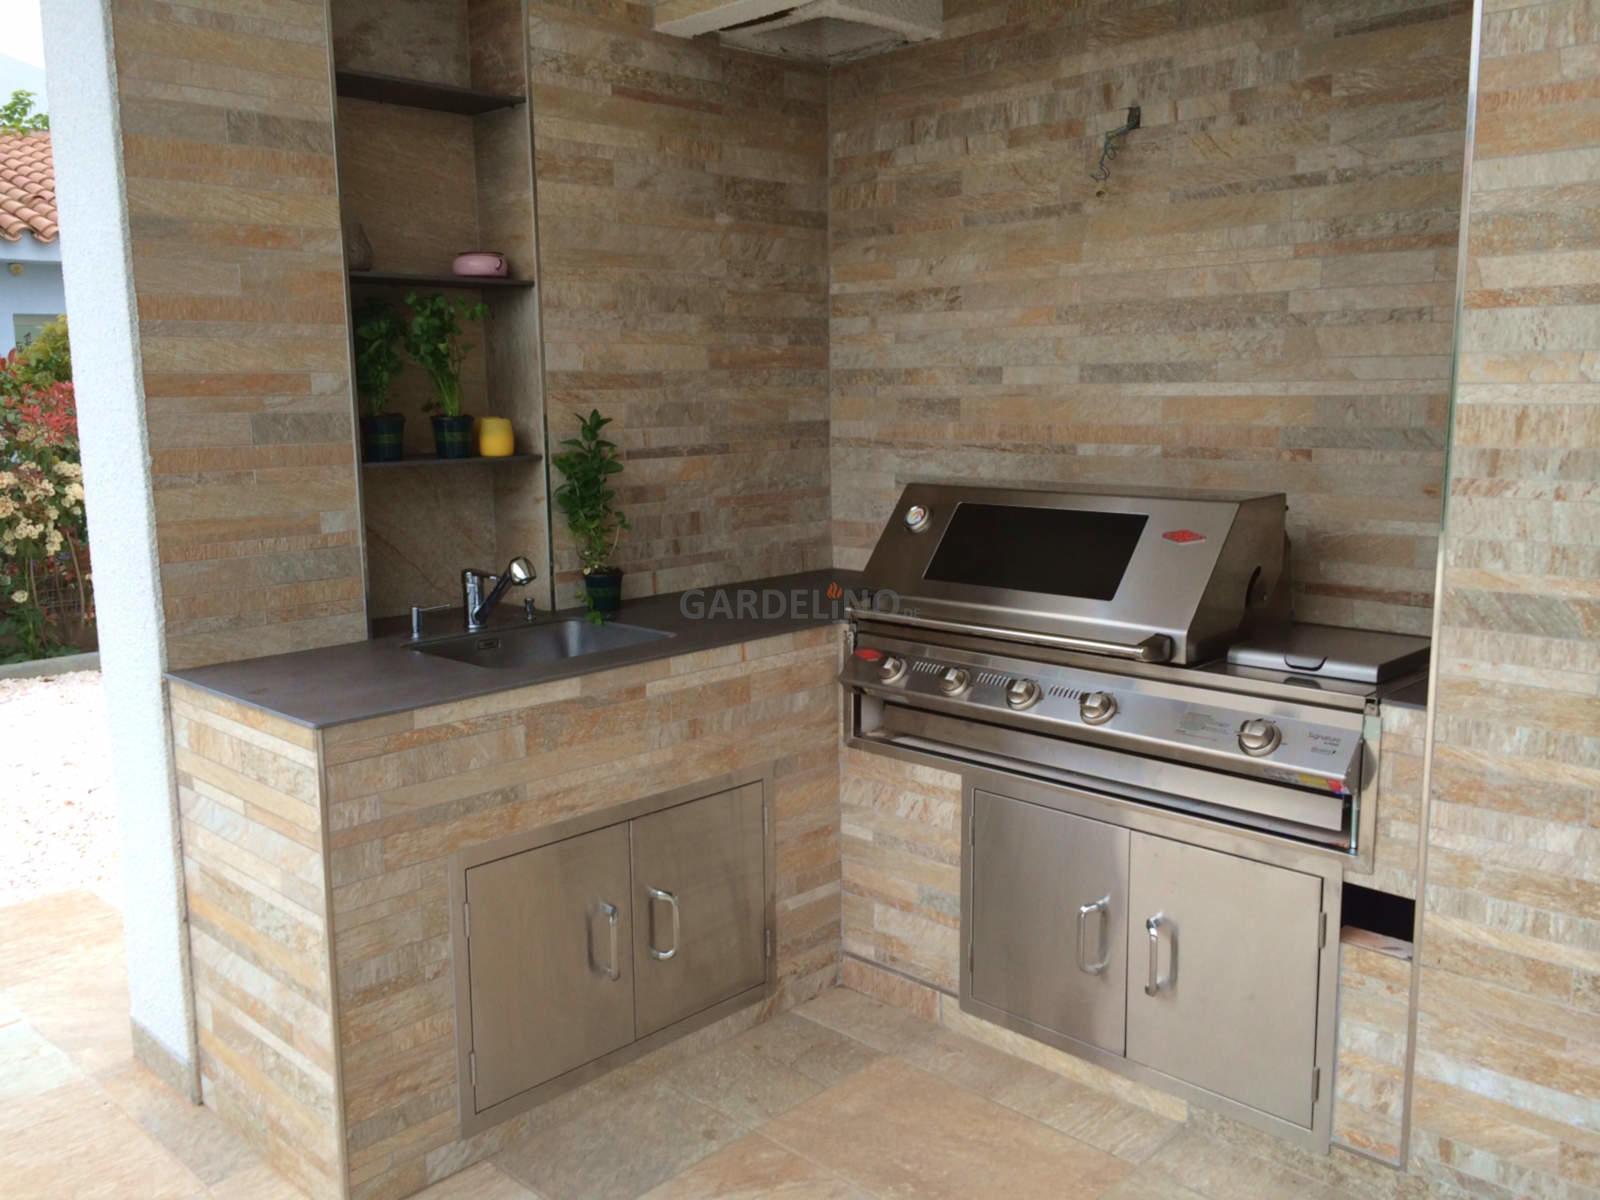 Weber Outdoor Küche Preise : Einbaugrill shop: built in grill vom outdoor küchen profi